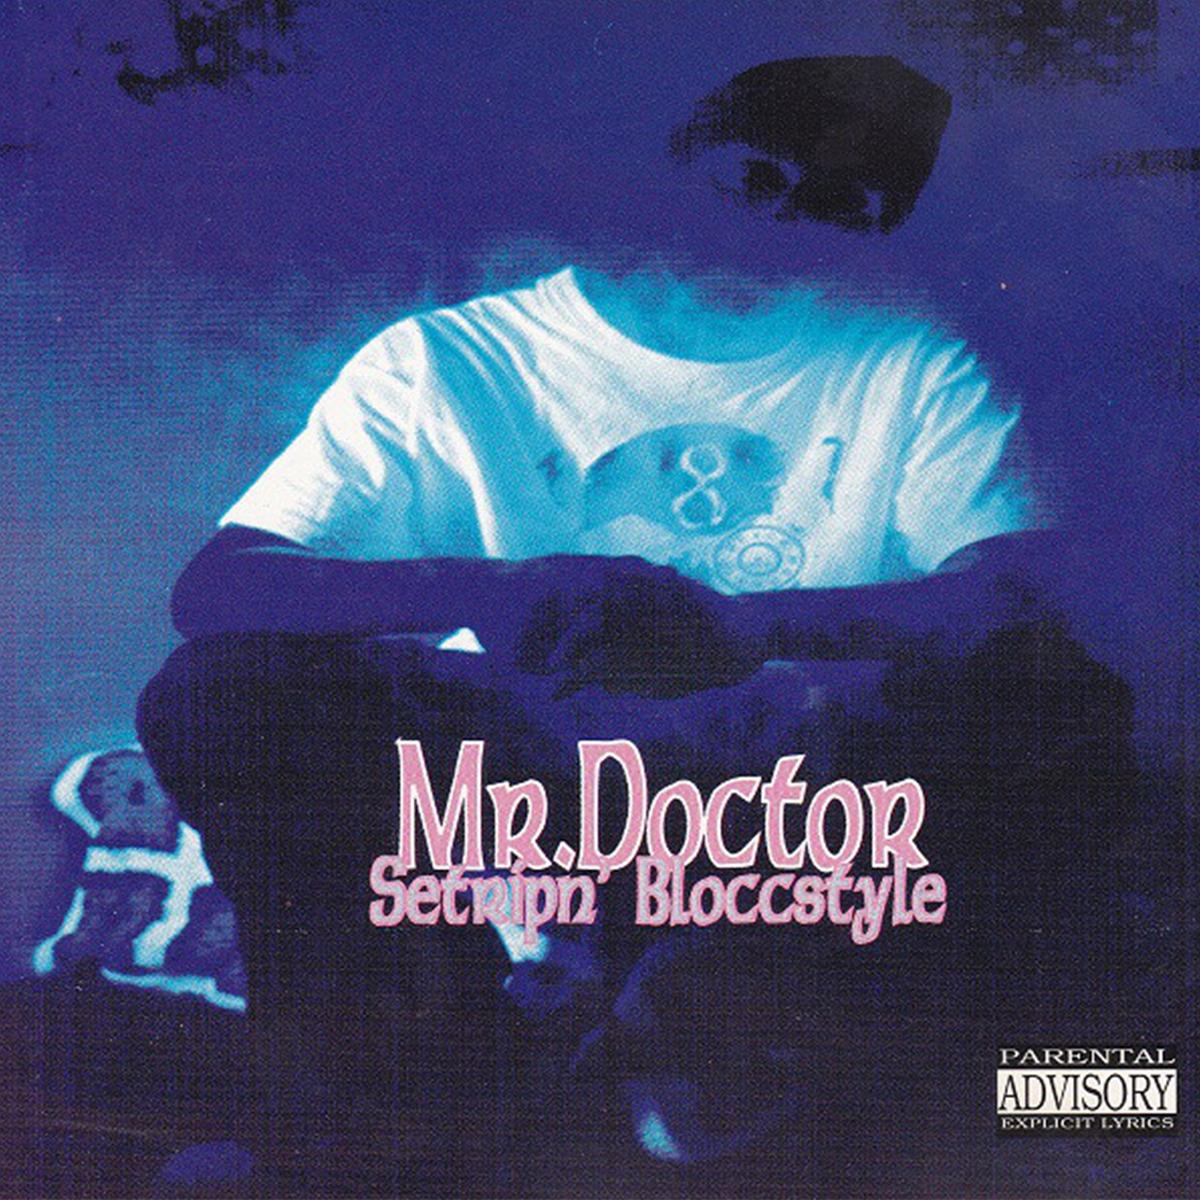 Setripn' Bloccstyle de Mr. Doctor